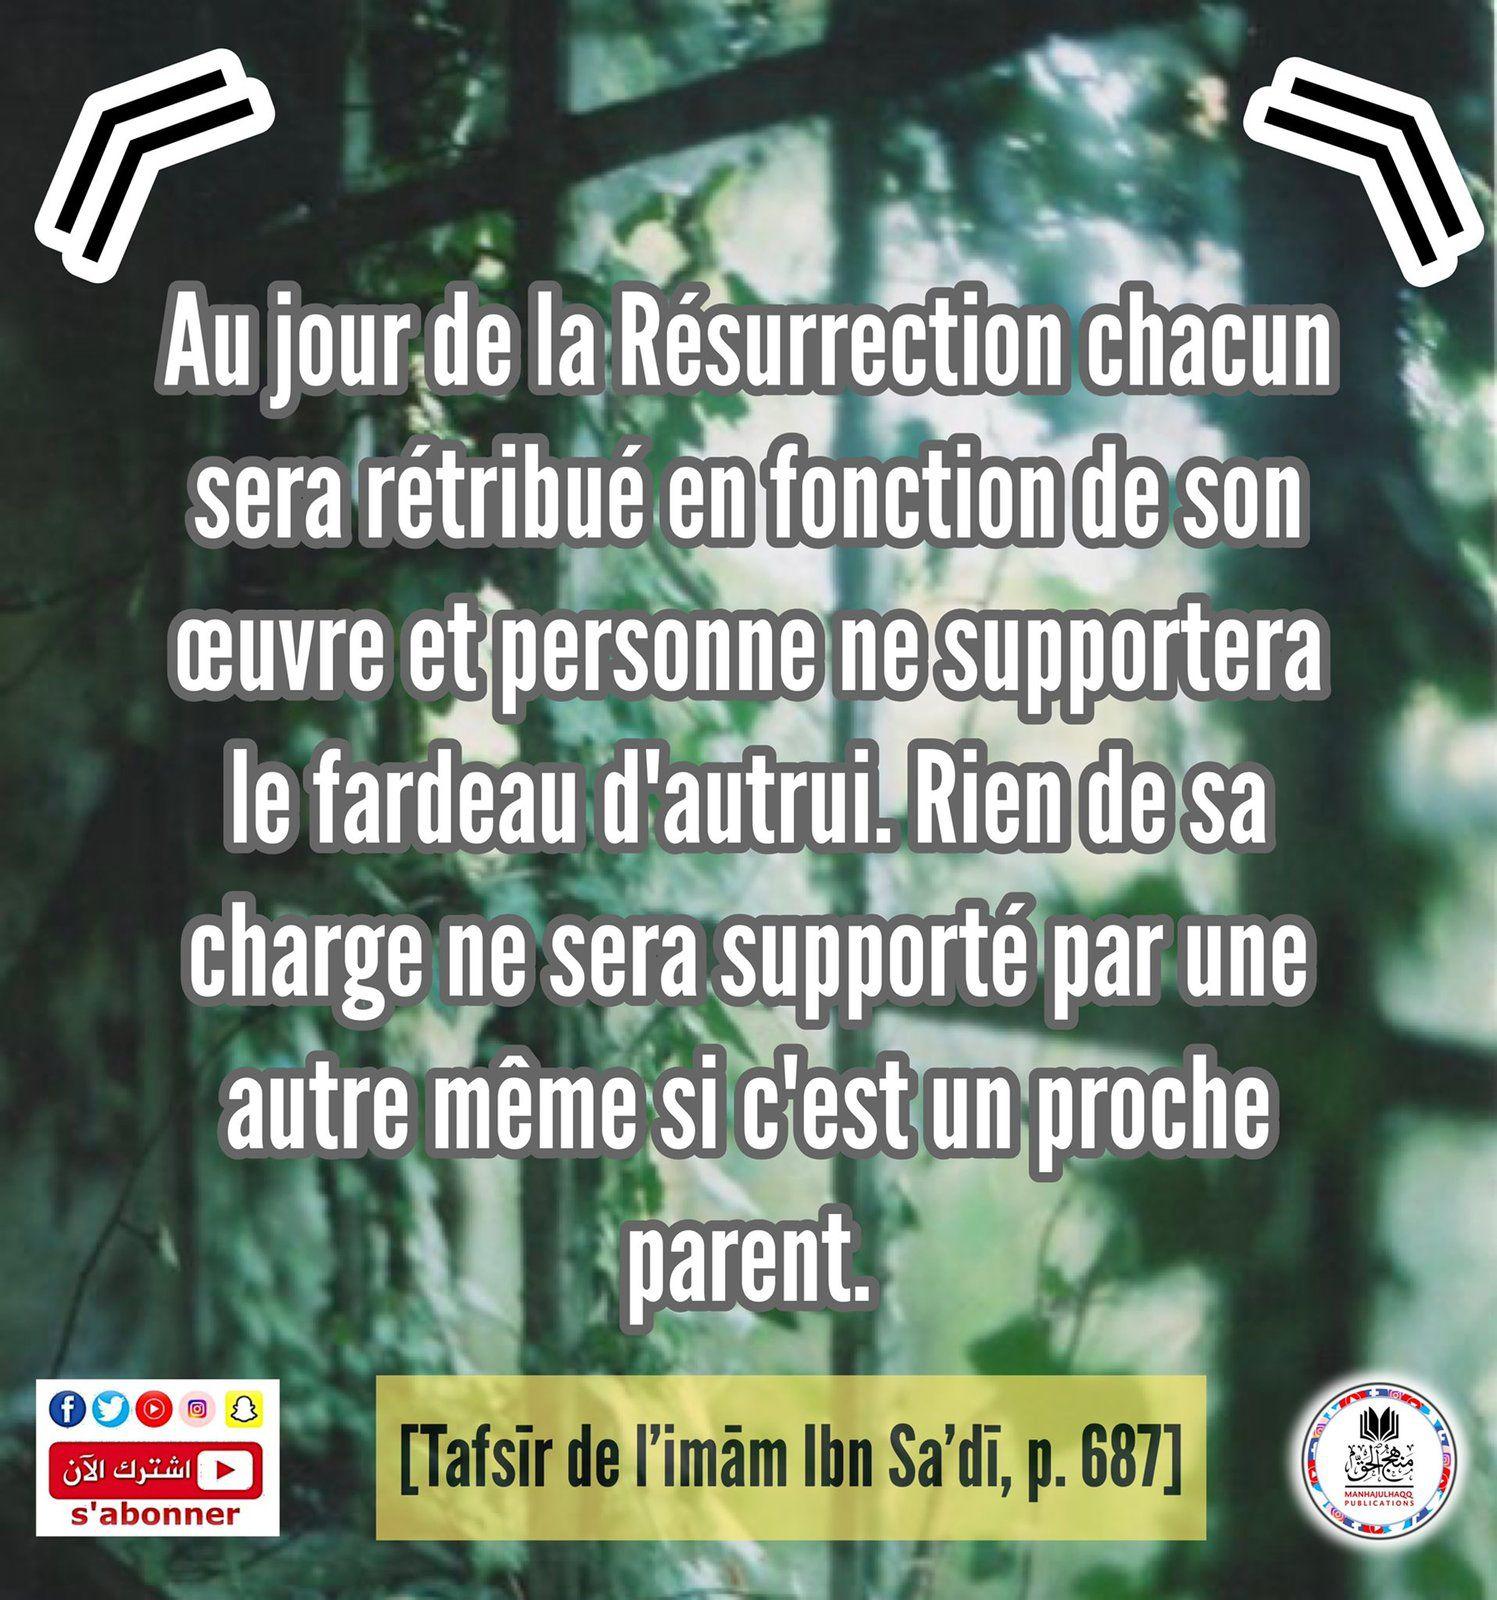 « Au jour de la Résurrection chacun sera rétribué en fonction de son œuvre.. »